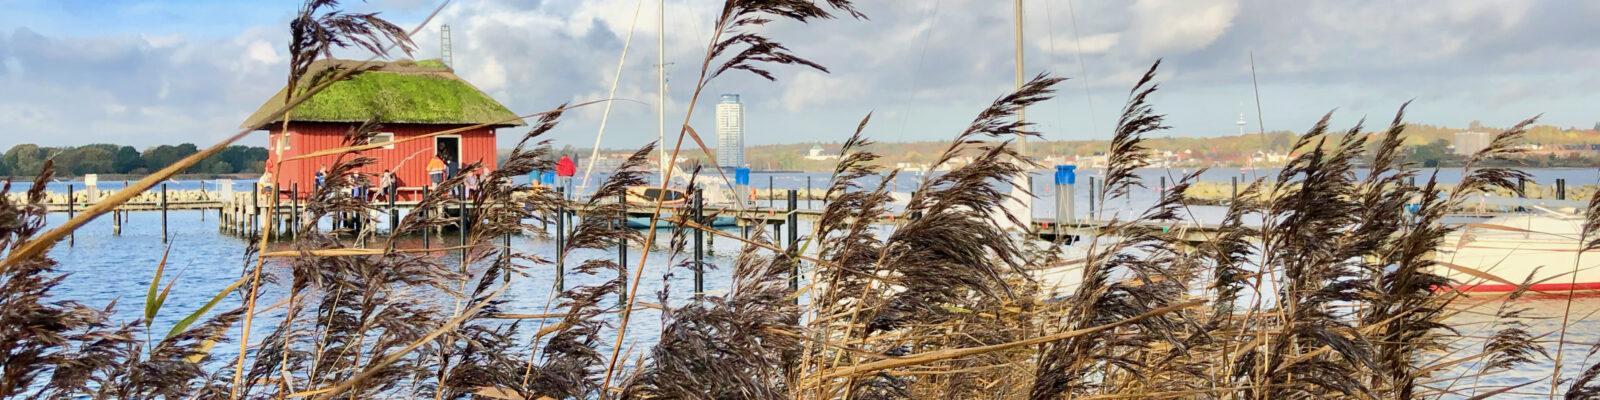 Binnenland Schleswig-Holstein: Mittendrin im entspannten Familien-Abenteuer